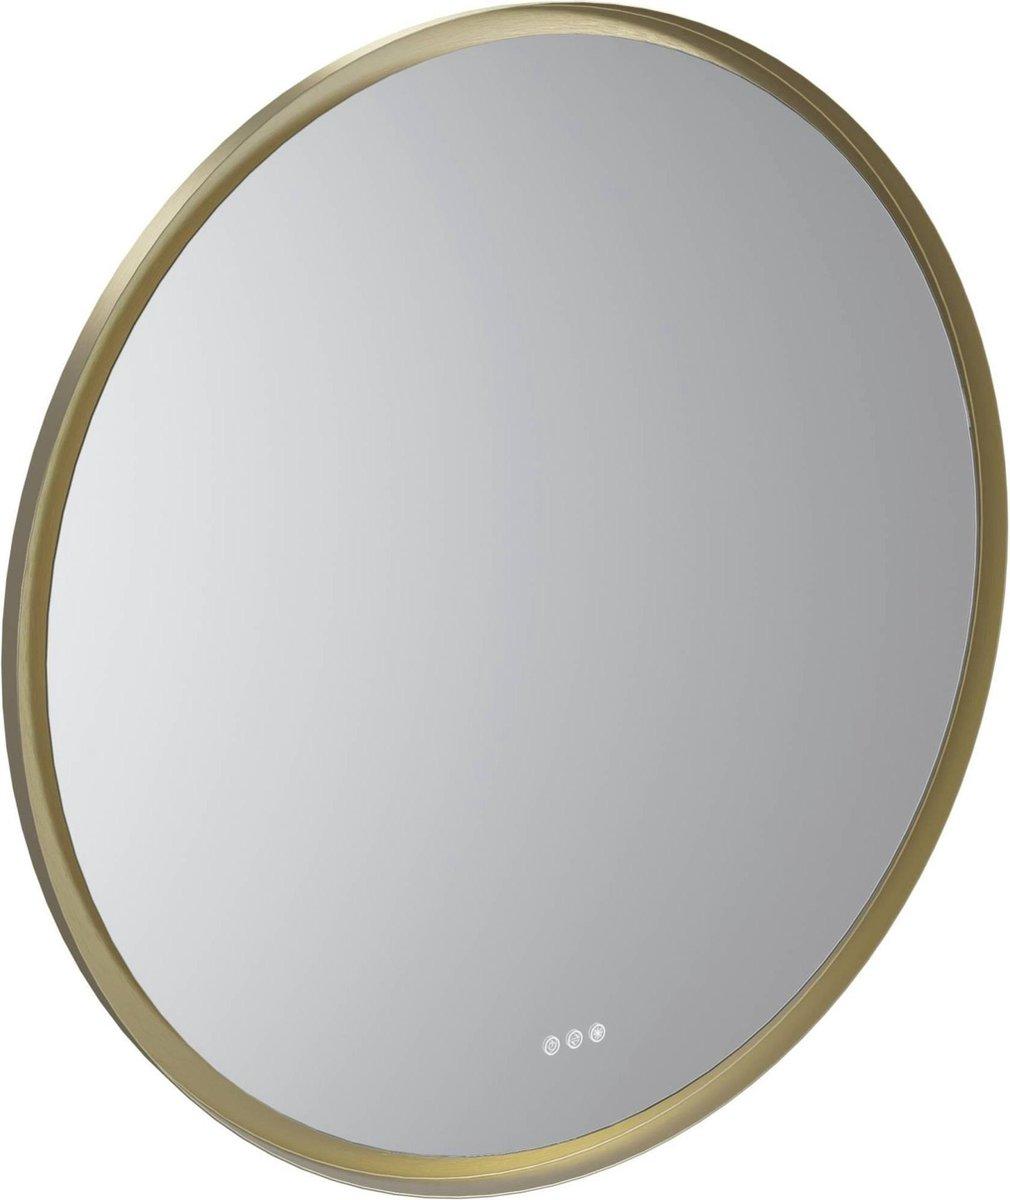 Nancy's Globe Ronde trendy spiegel met indirecte verlichting - Touch schakelaar - Dim & lichtkleur aanpassen - Spiegels boven wastafel - Ø 80 cm - Wit